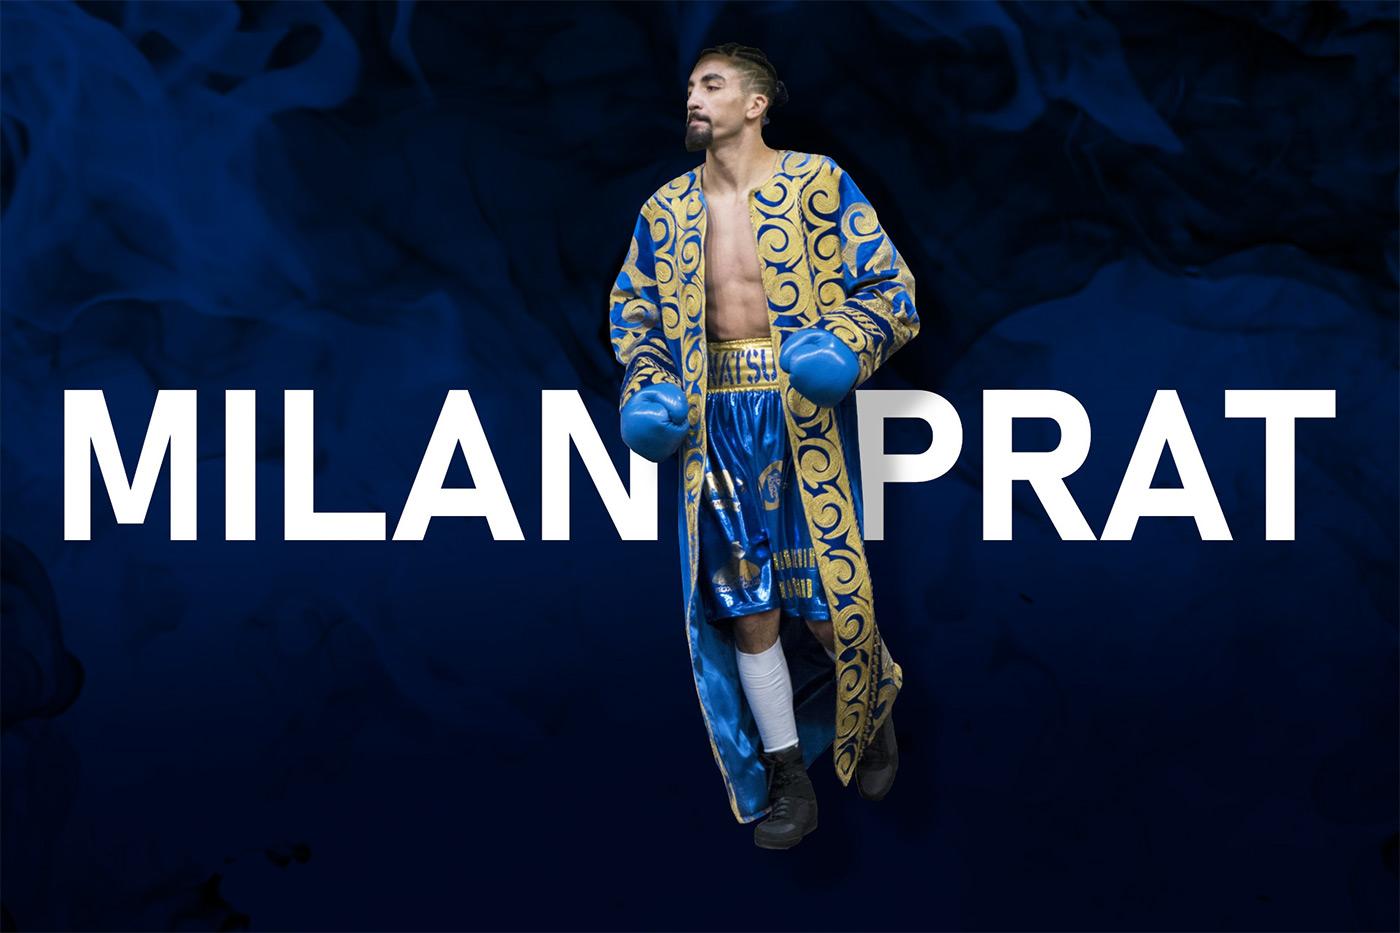 Milan Prat : Pas de temps à perdre